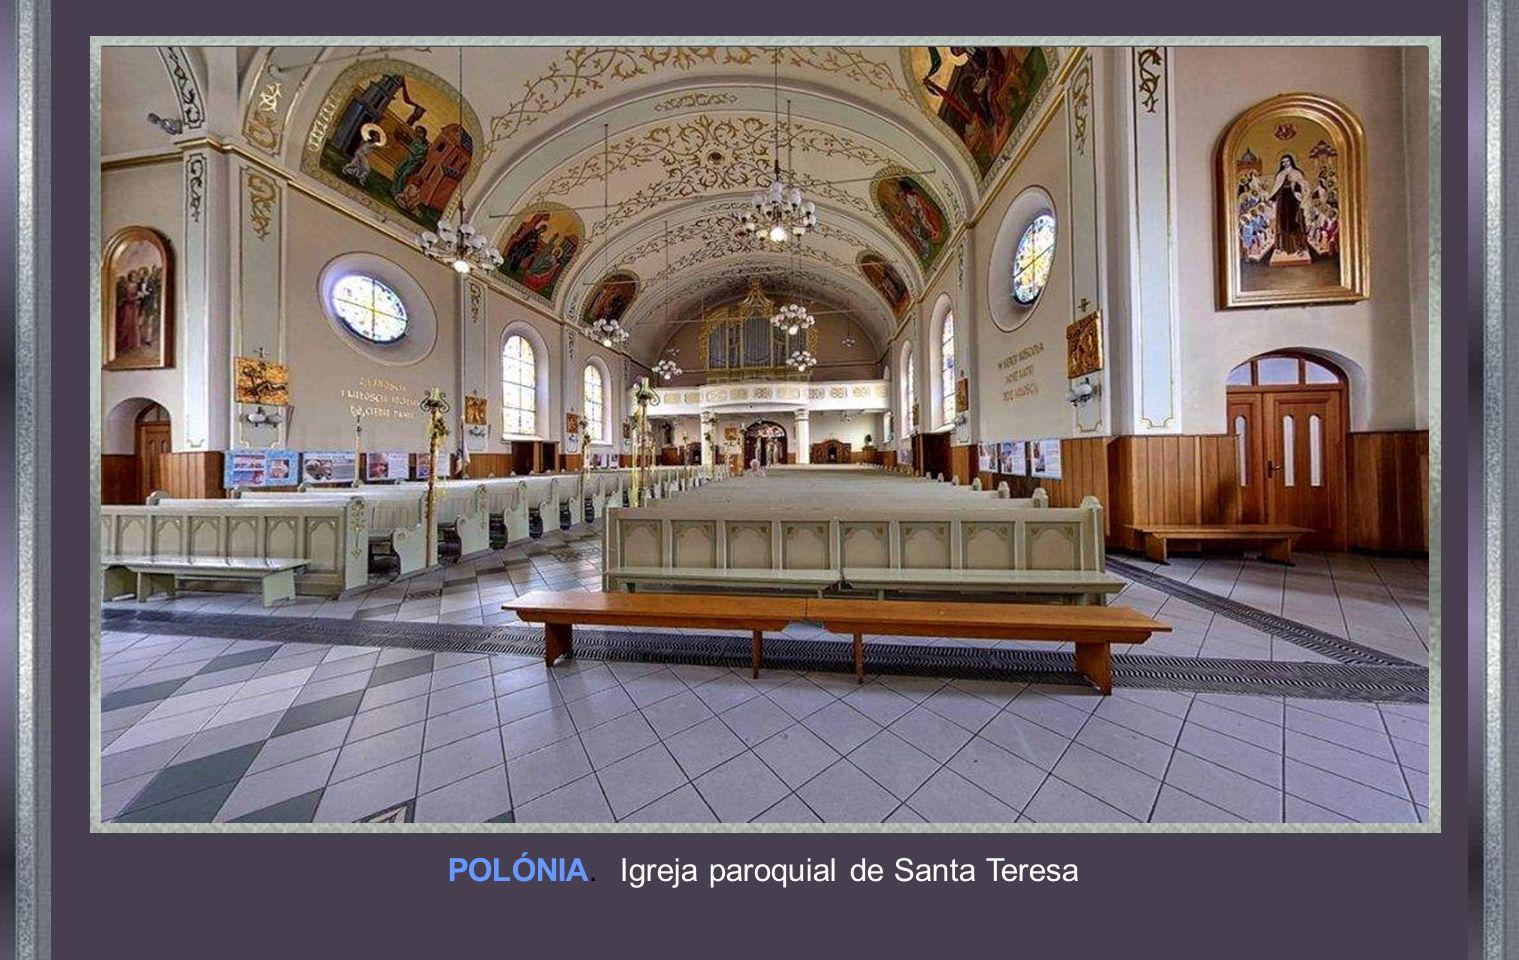 POLÓNIA. Igreja paroquial de Santa Teresa